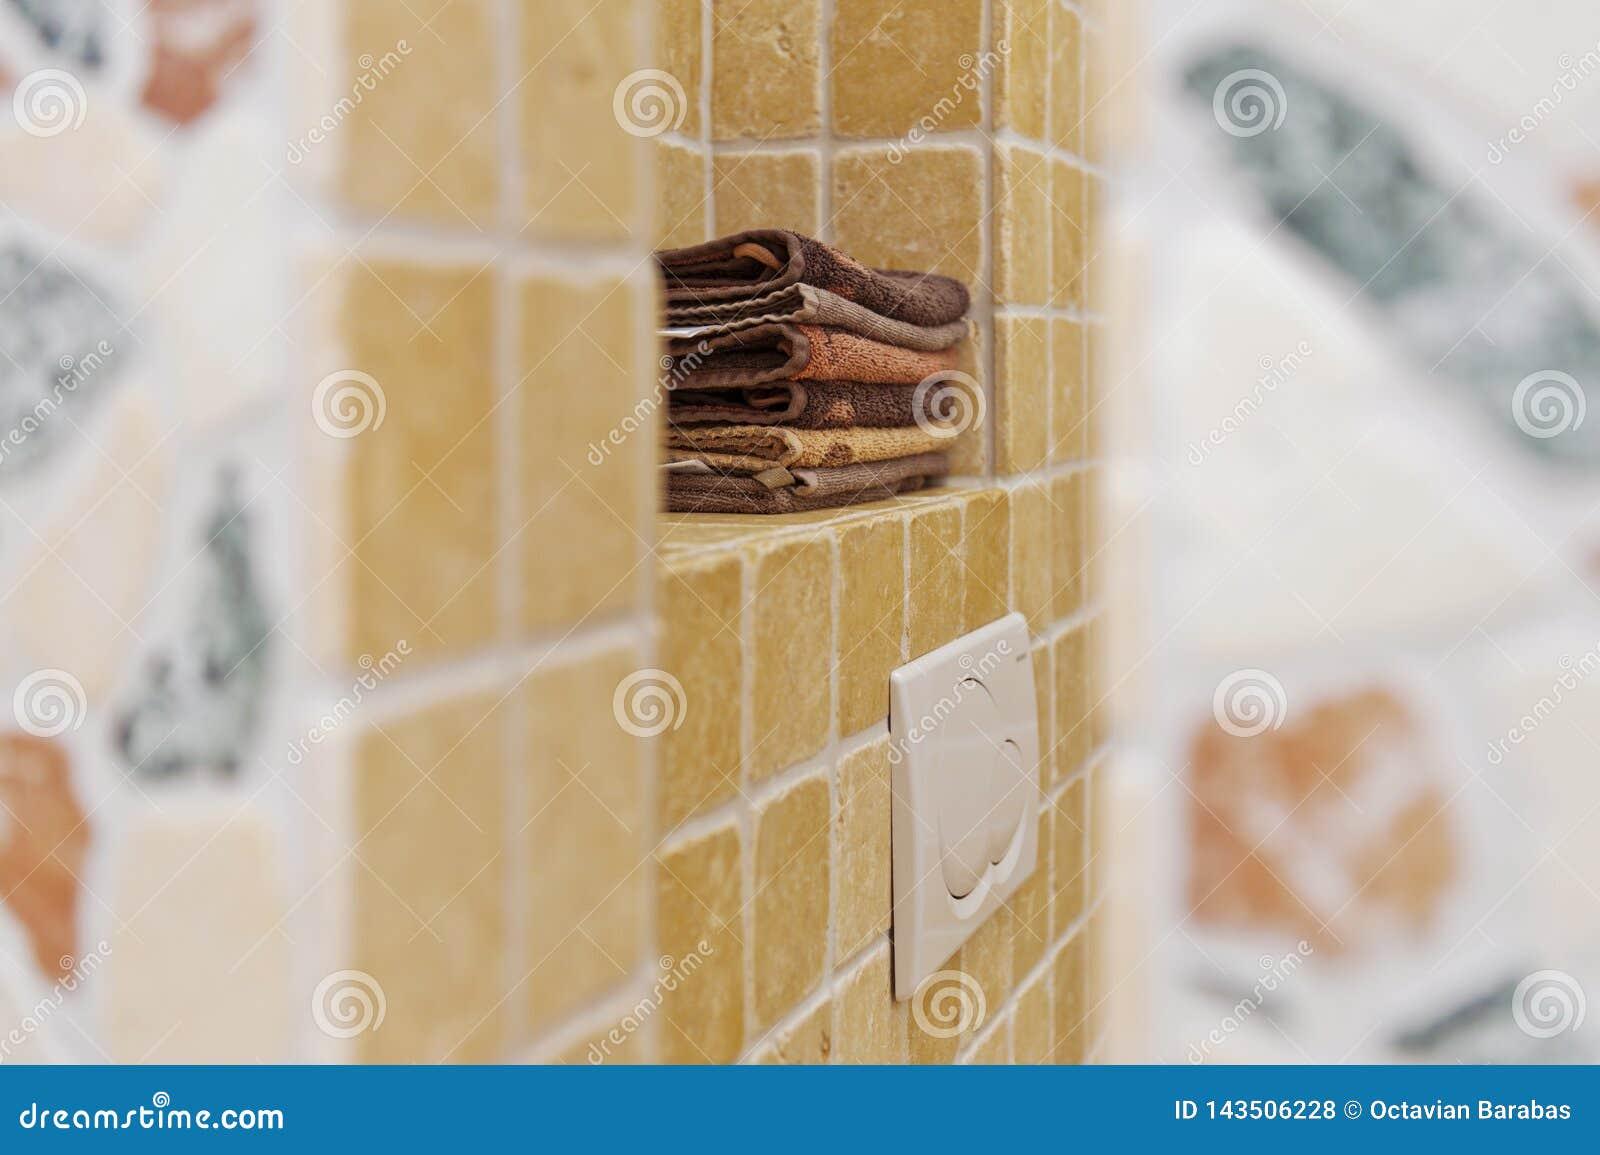 Stapel handdoeken in badkamers